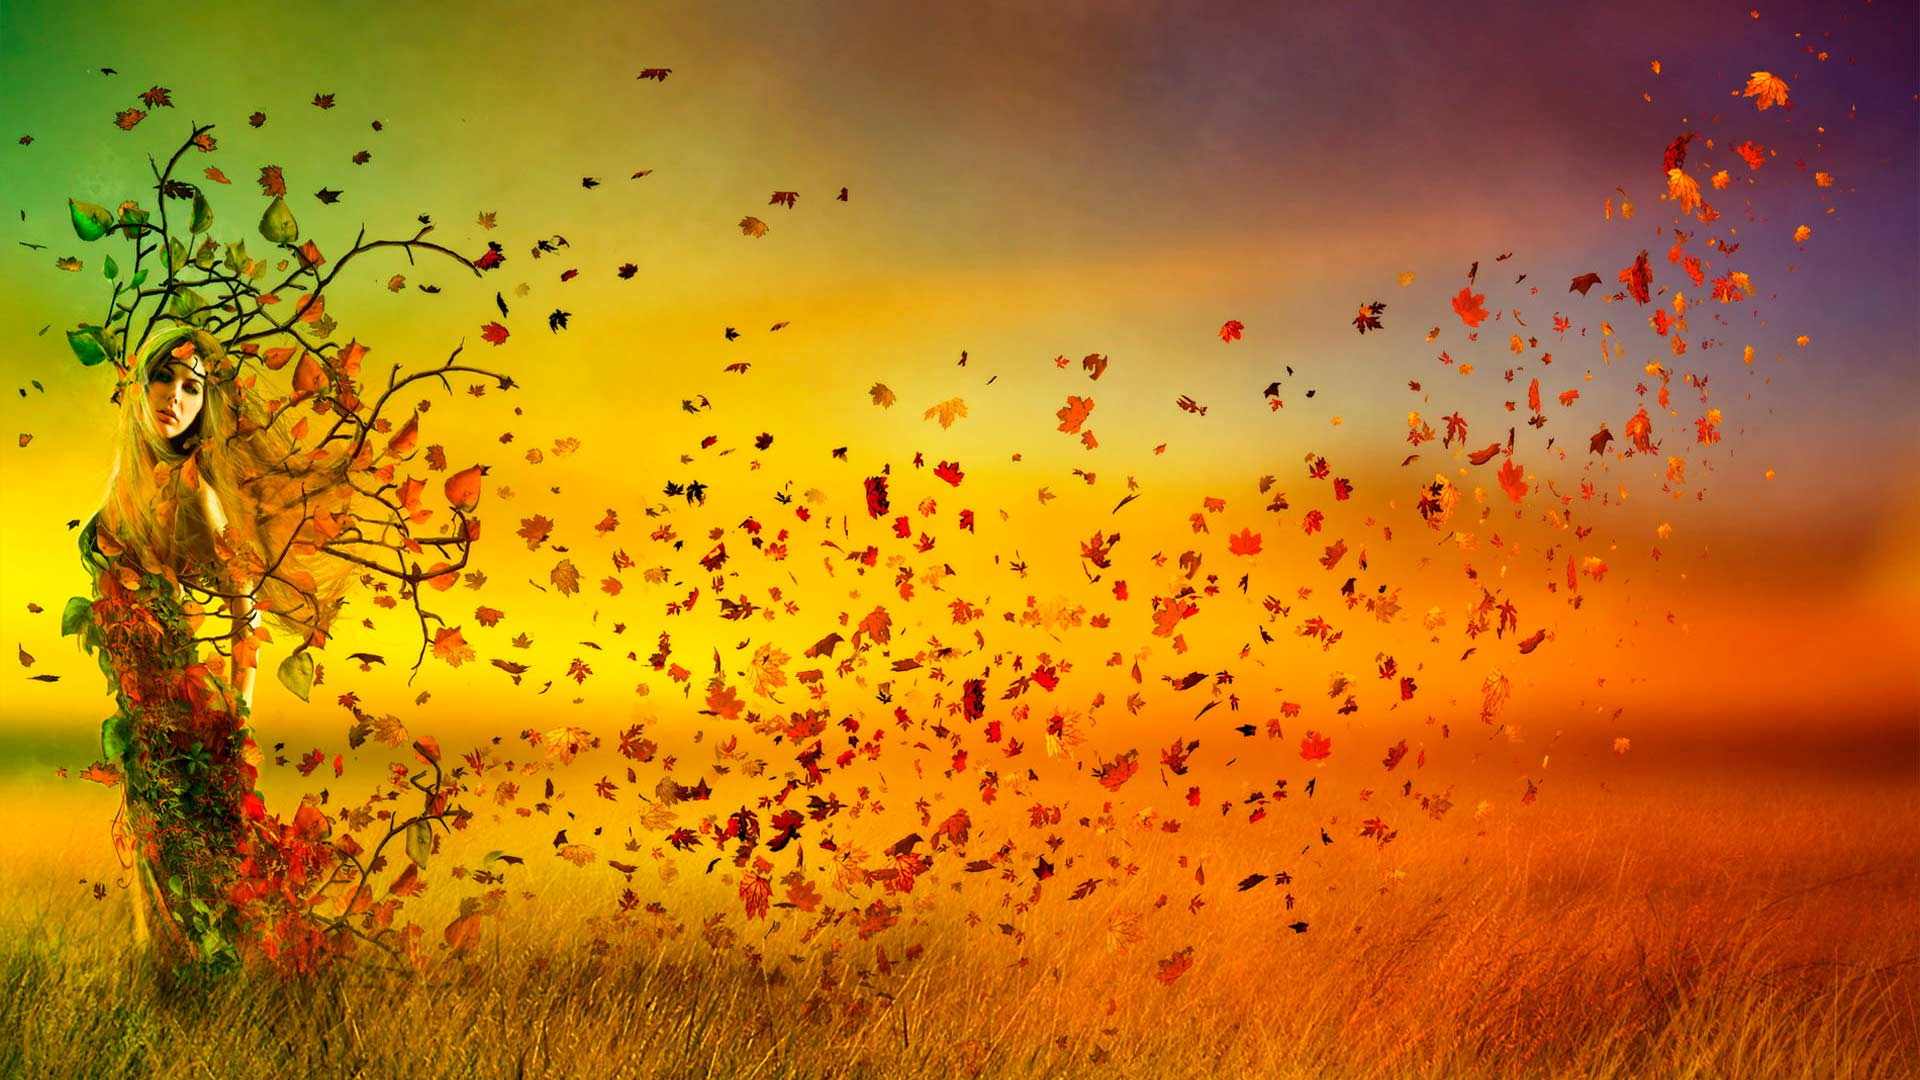 популярными картинки осень фэнтези стало